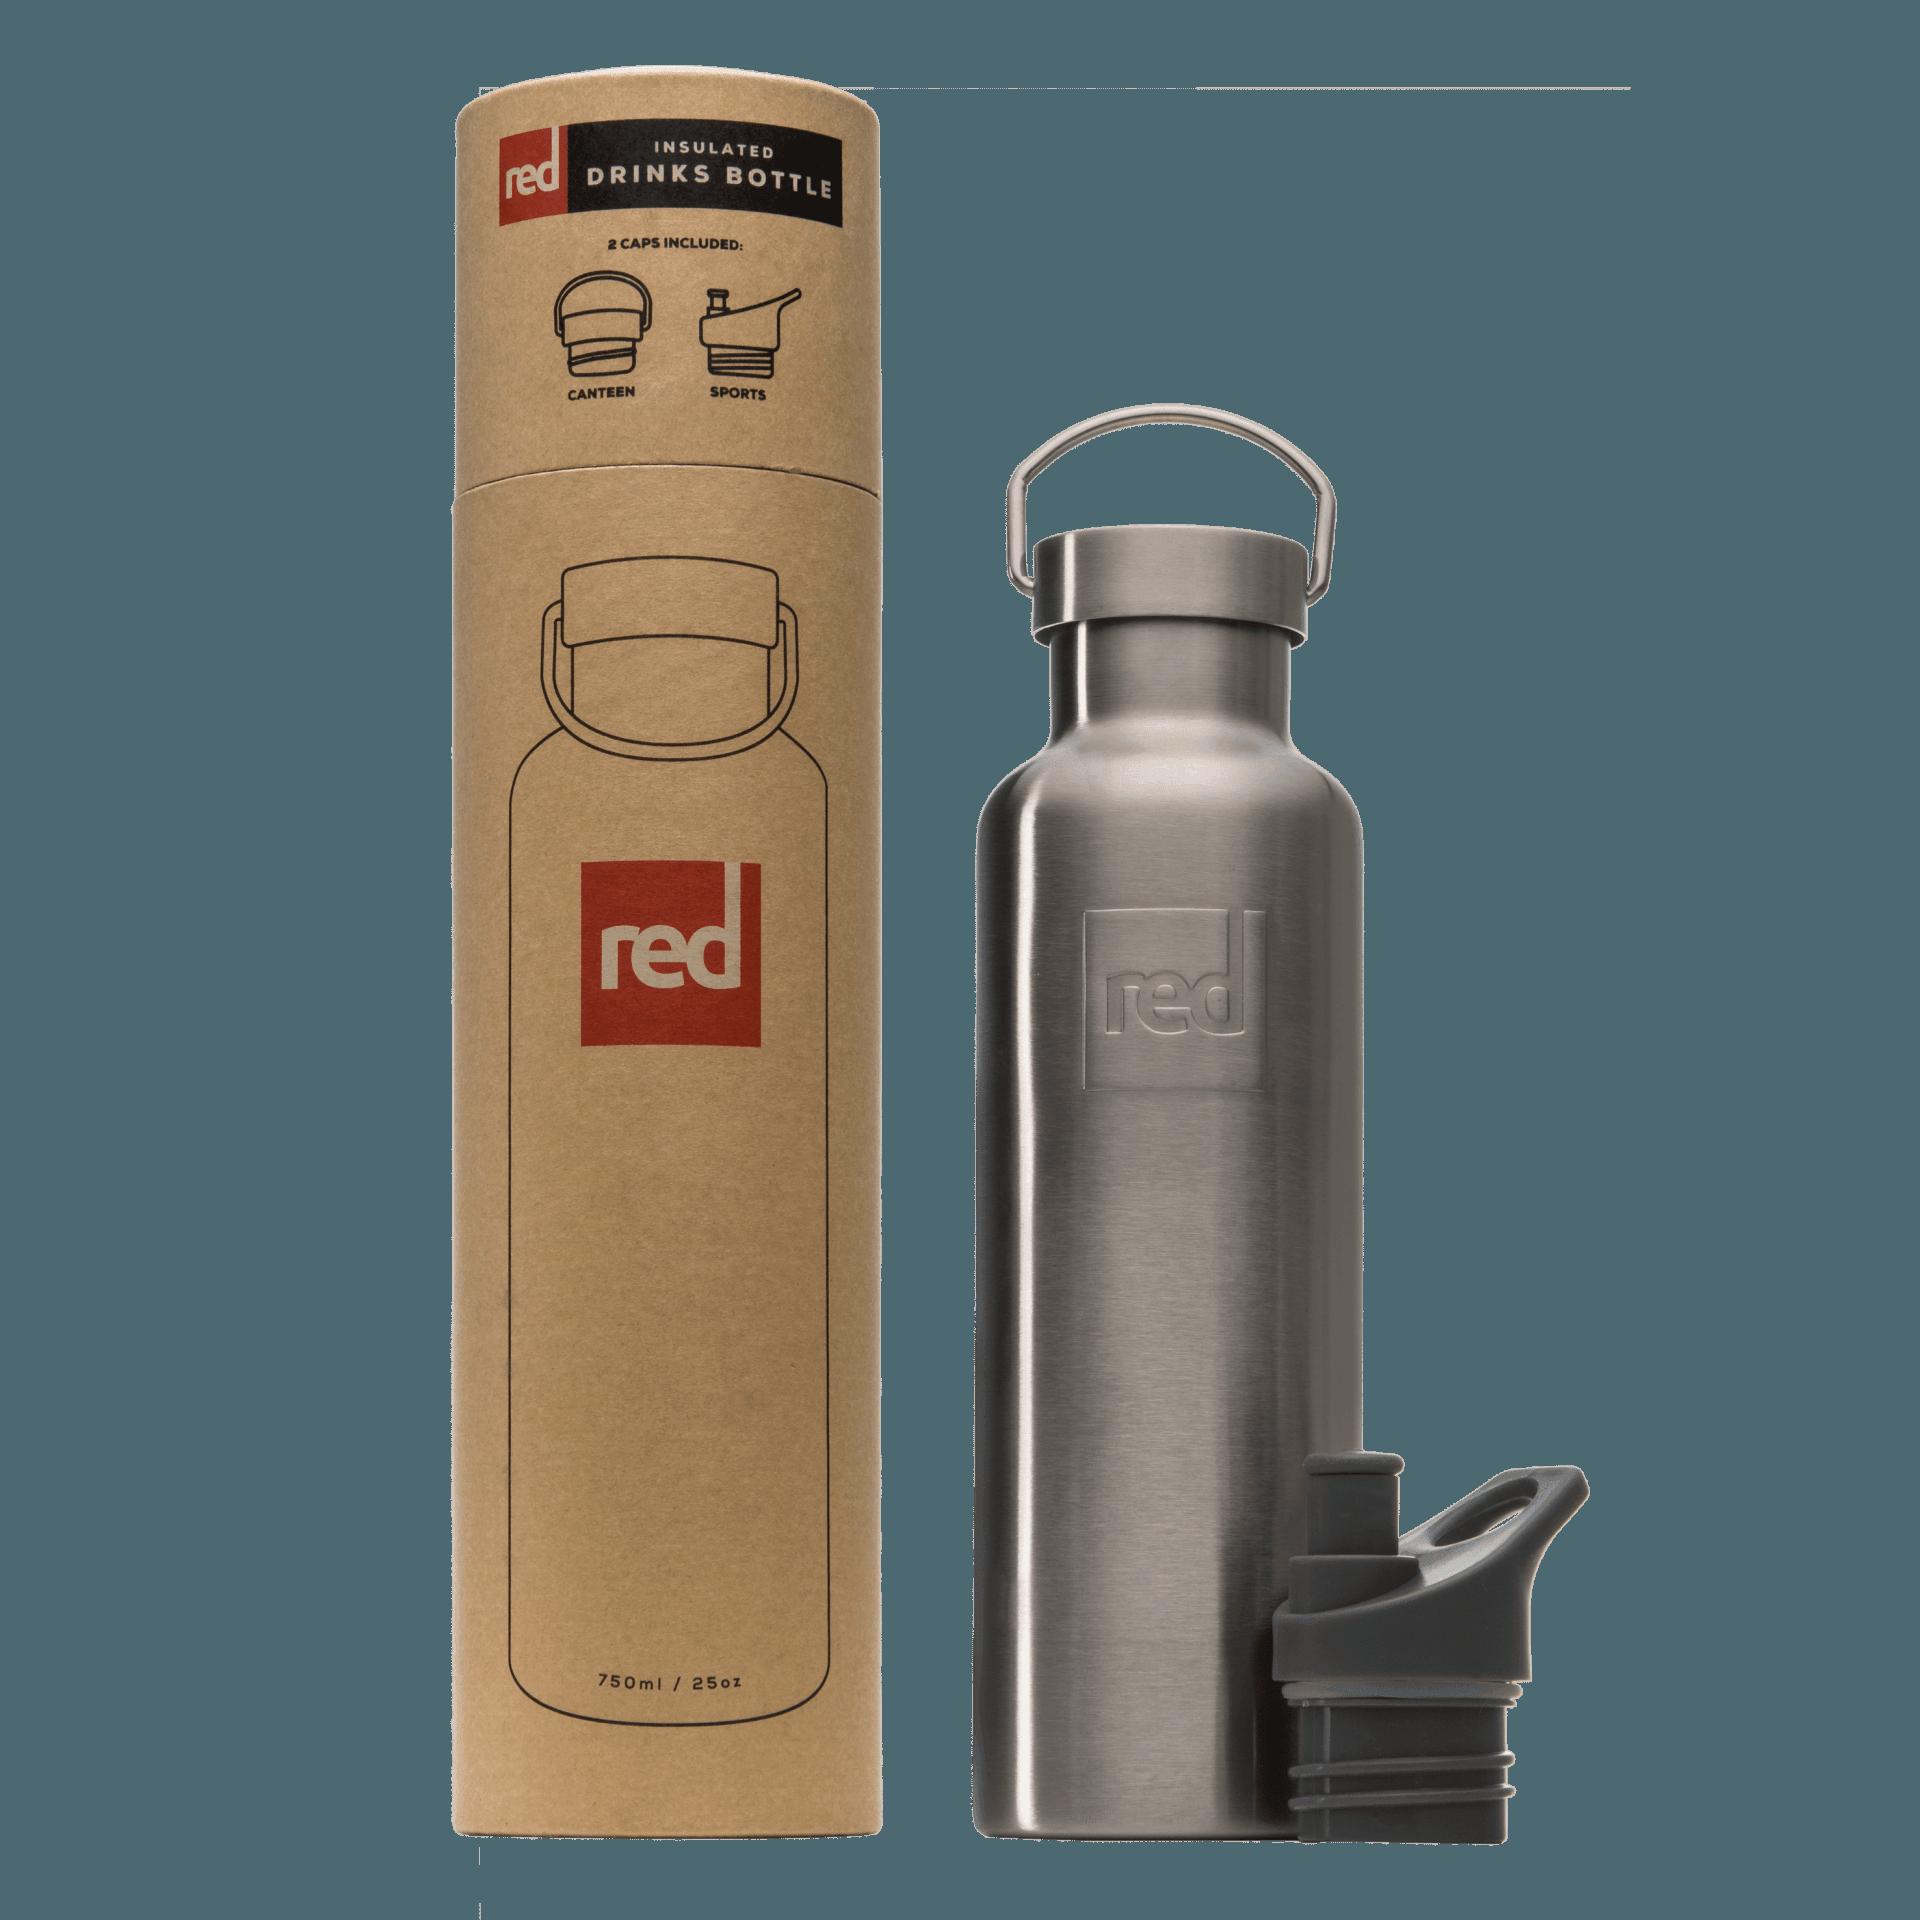 Red_Original_Drinks_Bottle_Complete